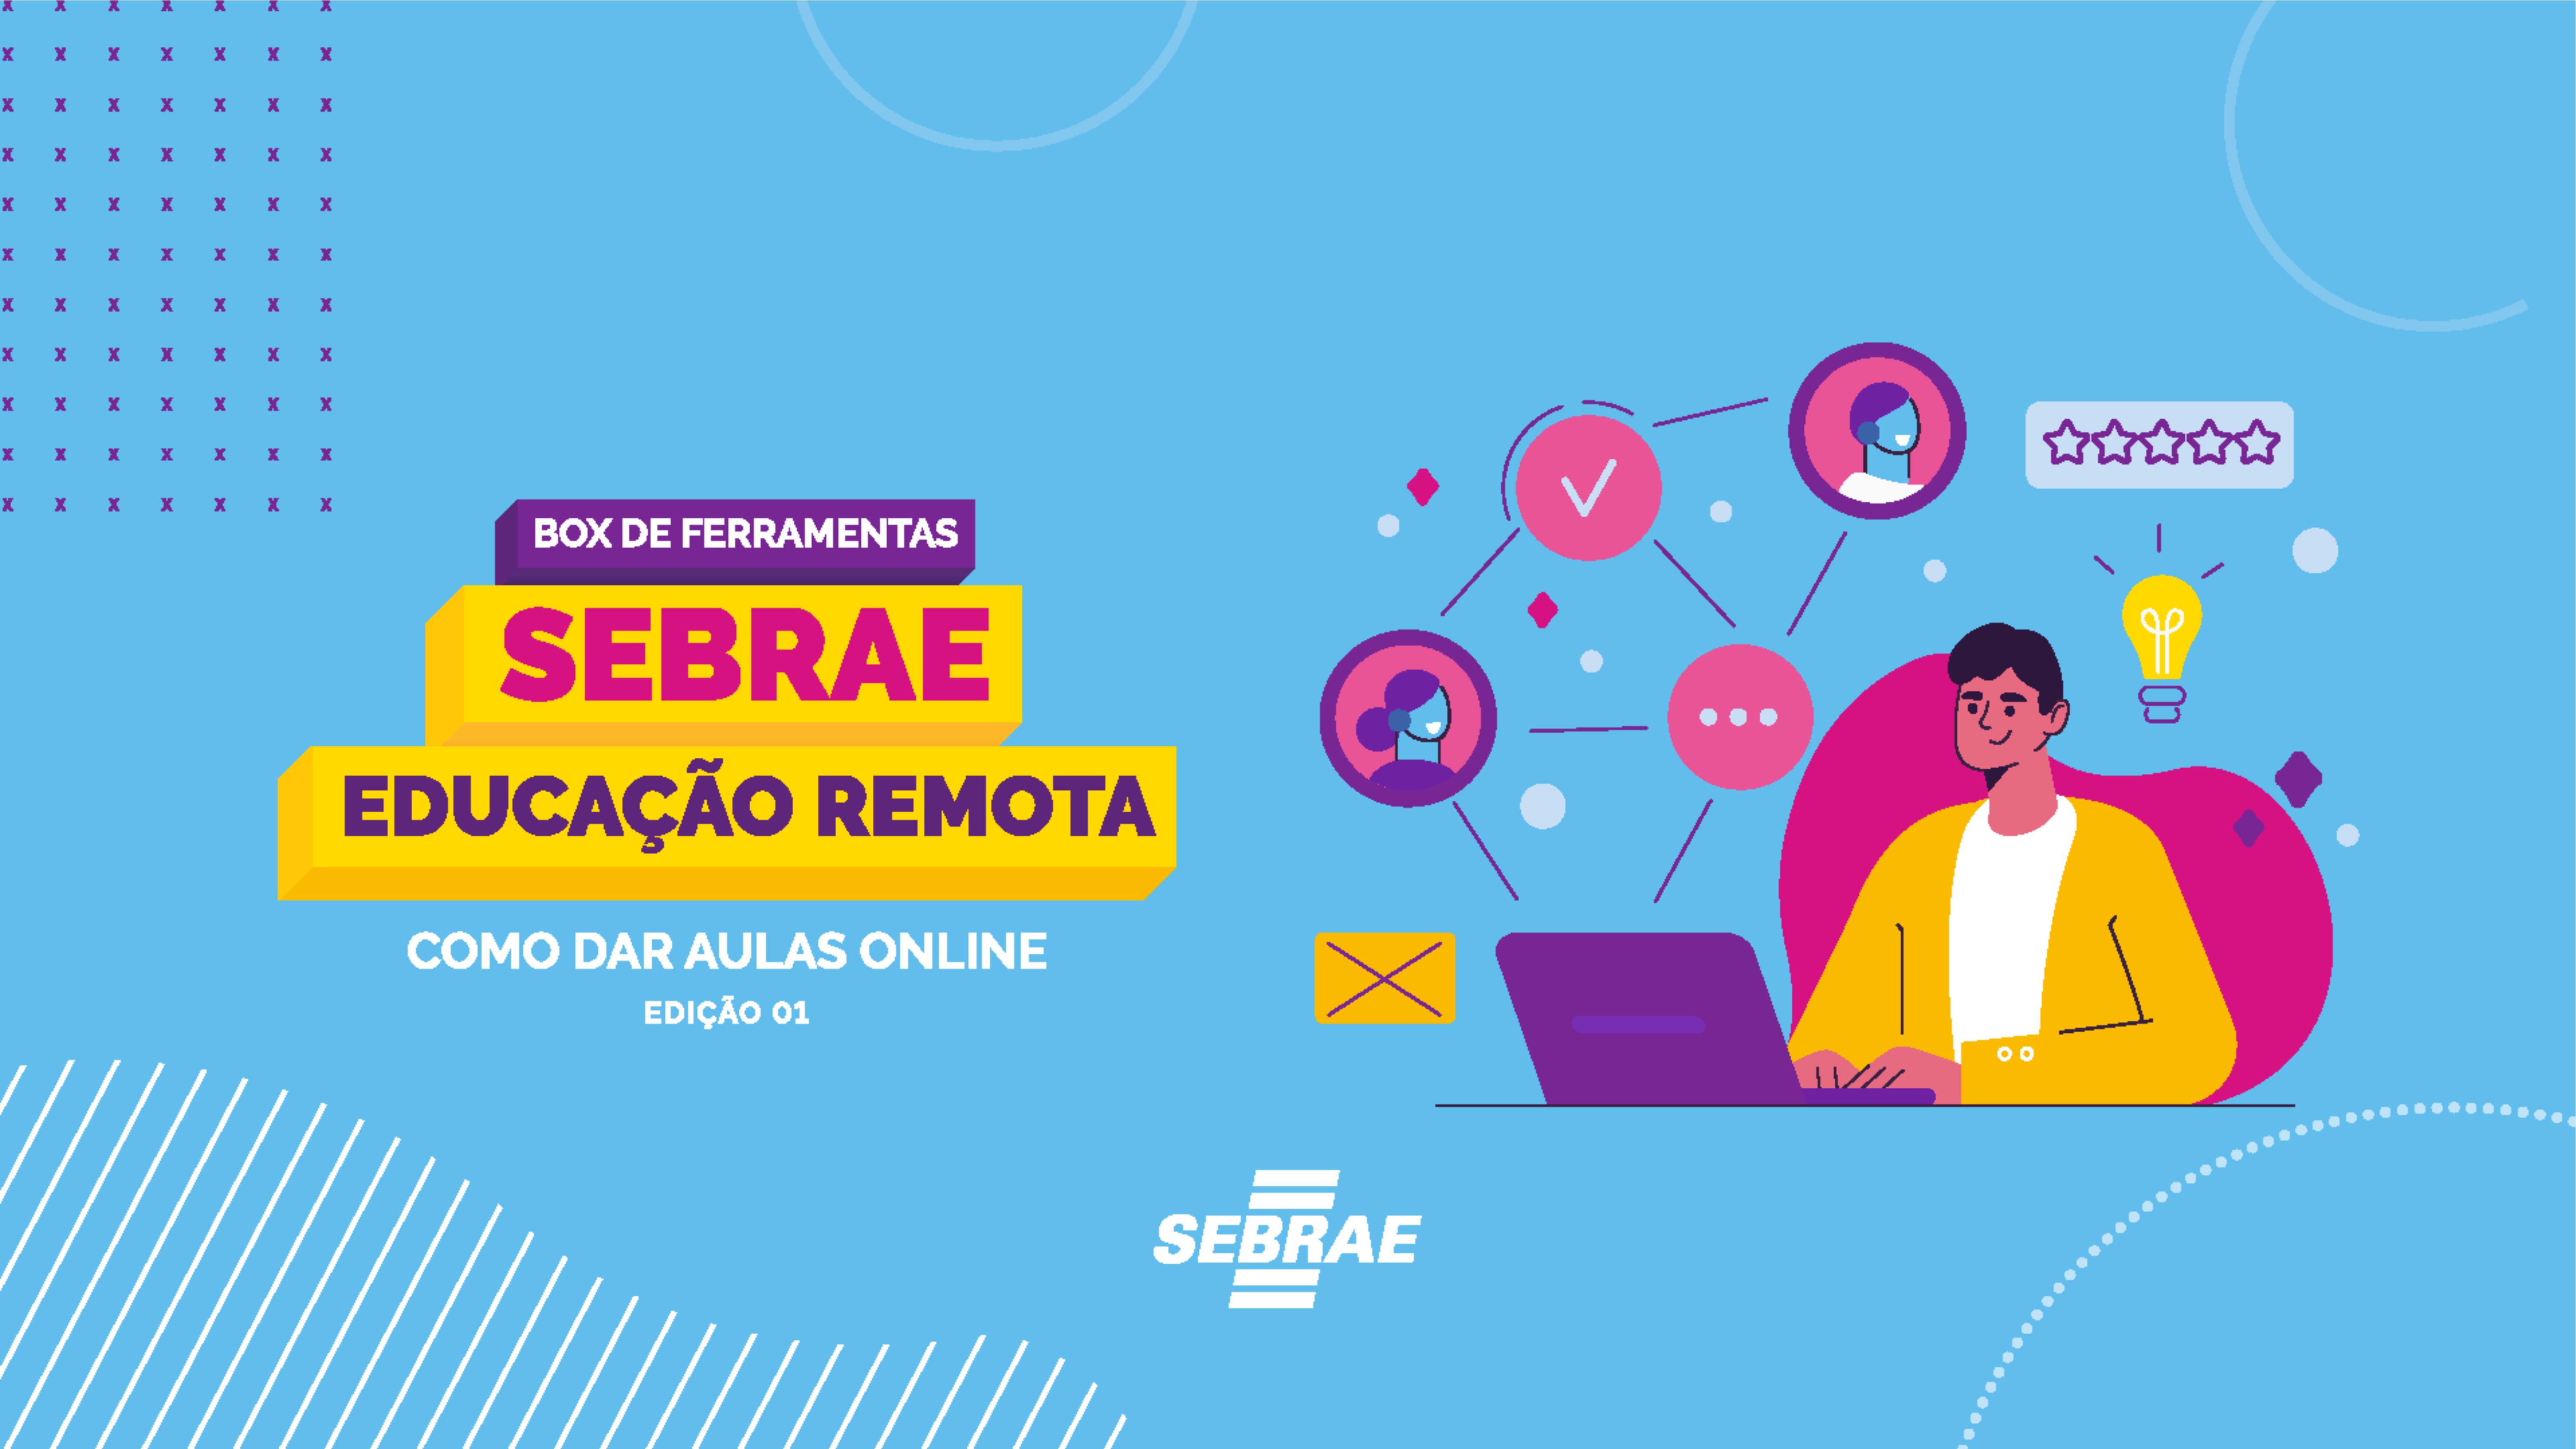 Educação remota: Sebrae lança Box de Ferramentas em pareceria com a Undime